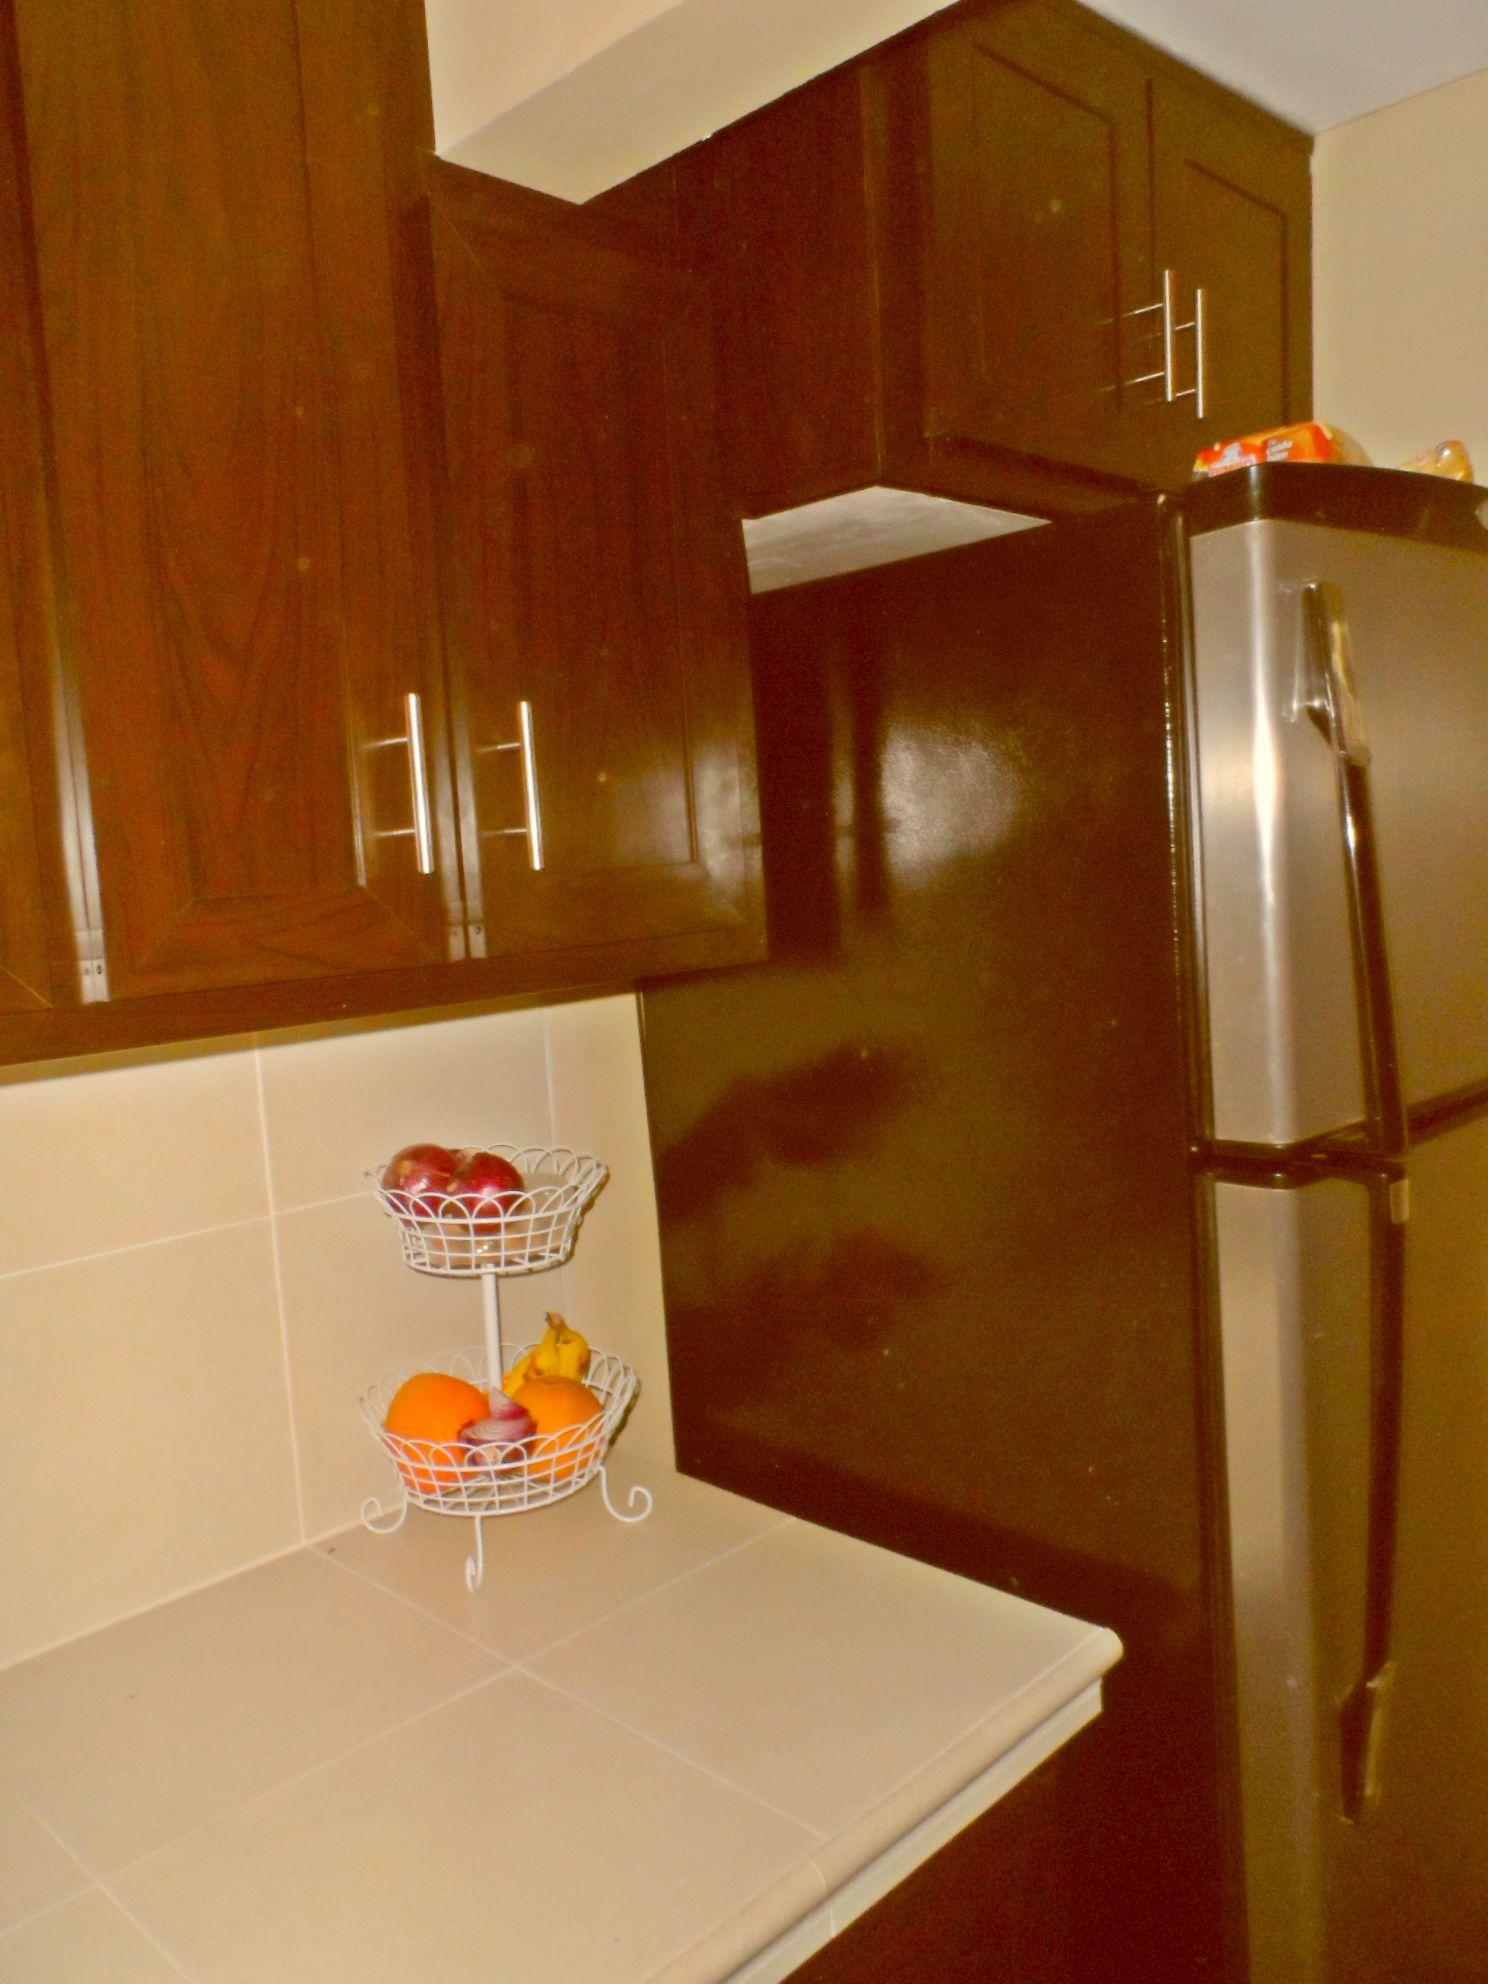 Puertas de cocina tipo cantina for Tipos de cocina